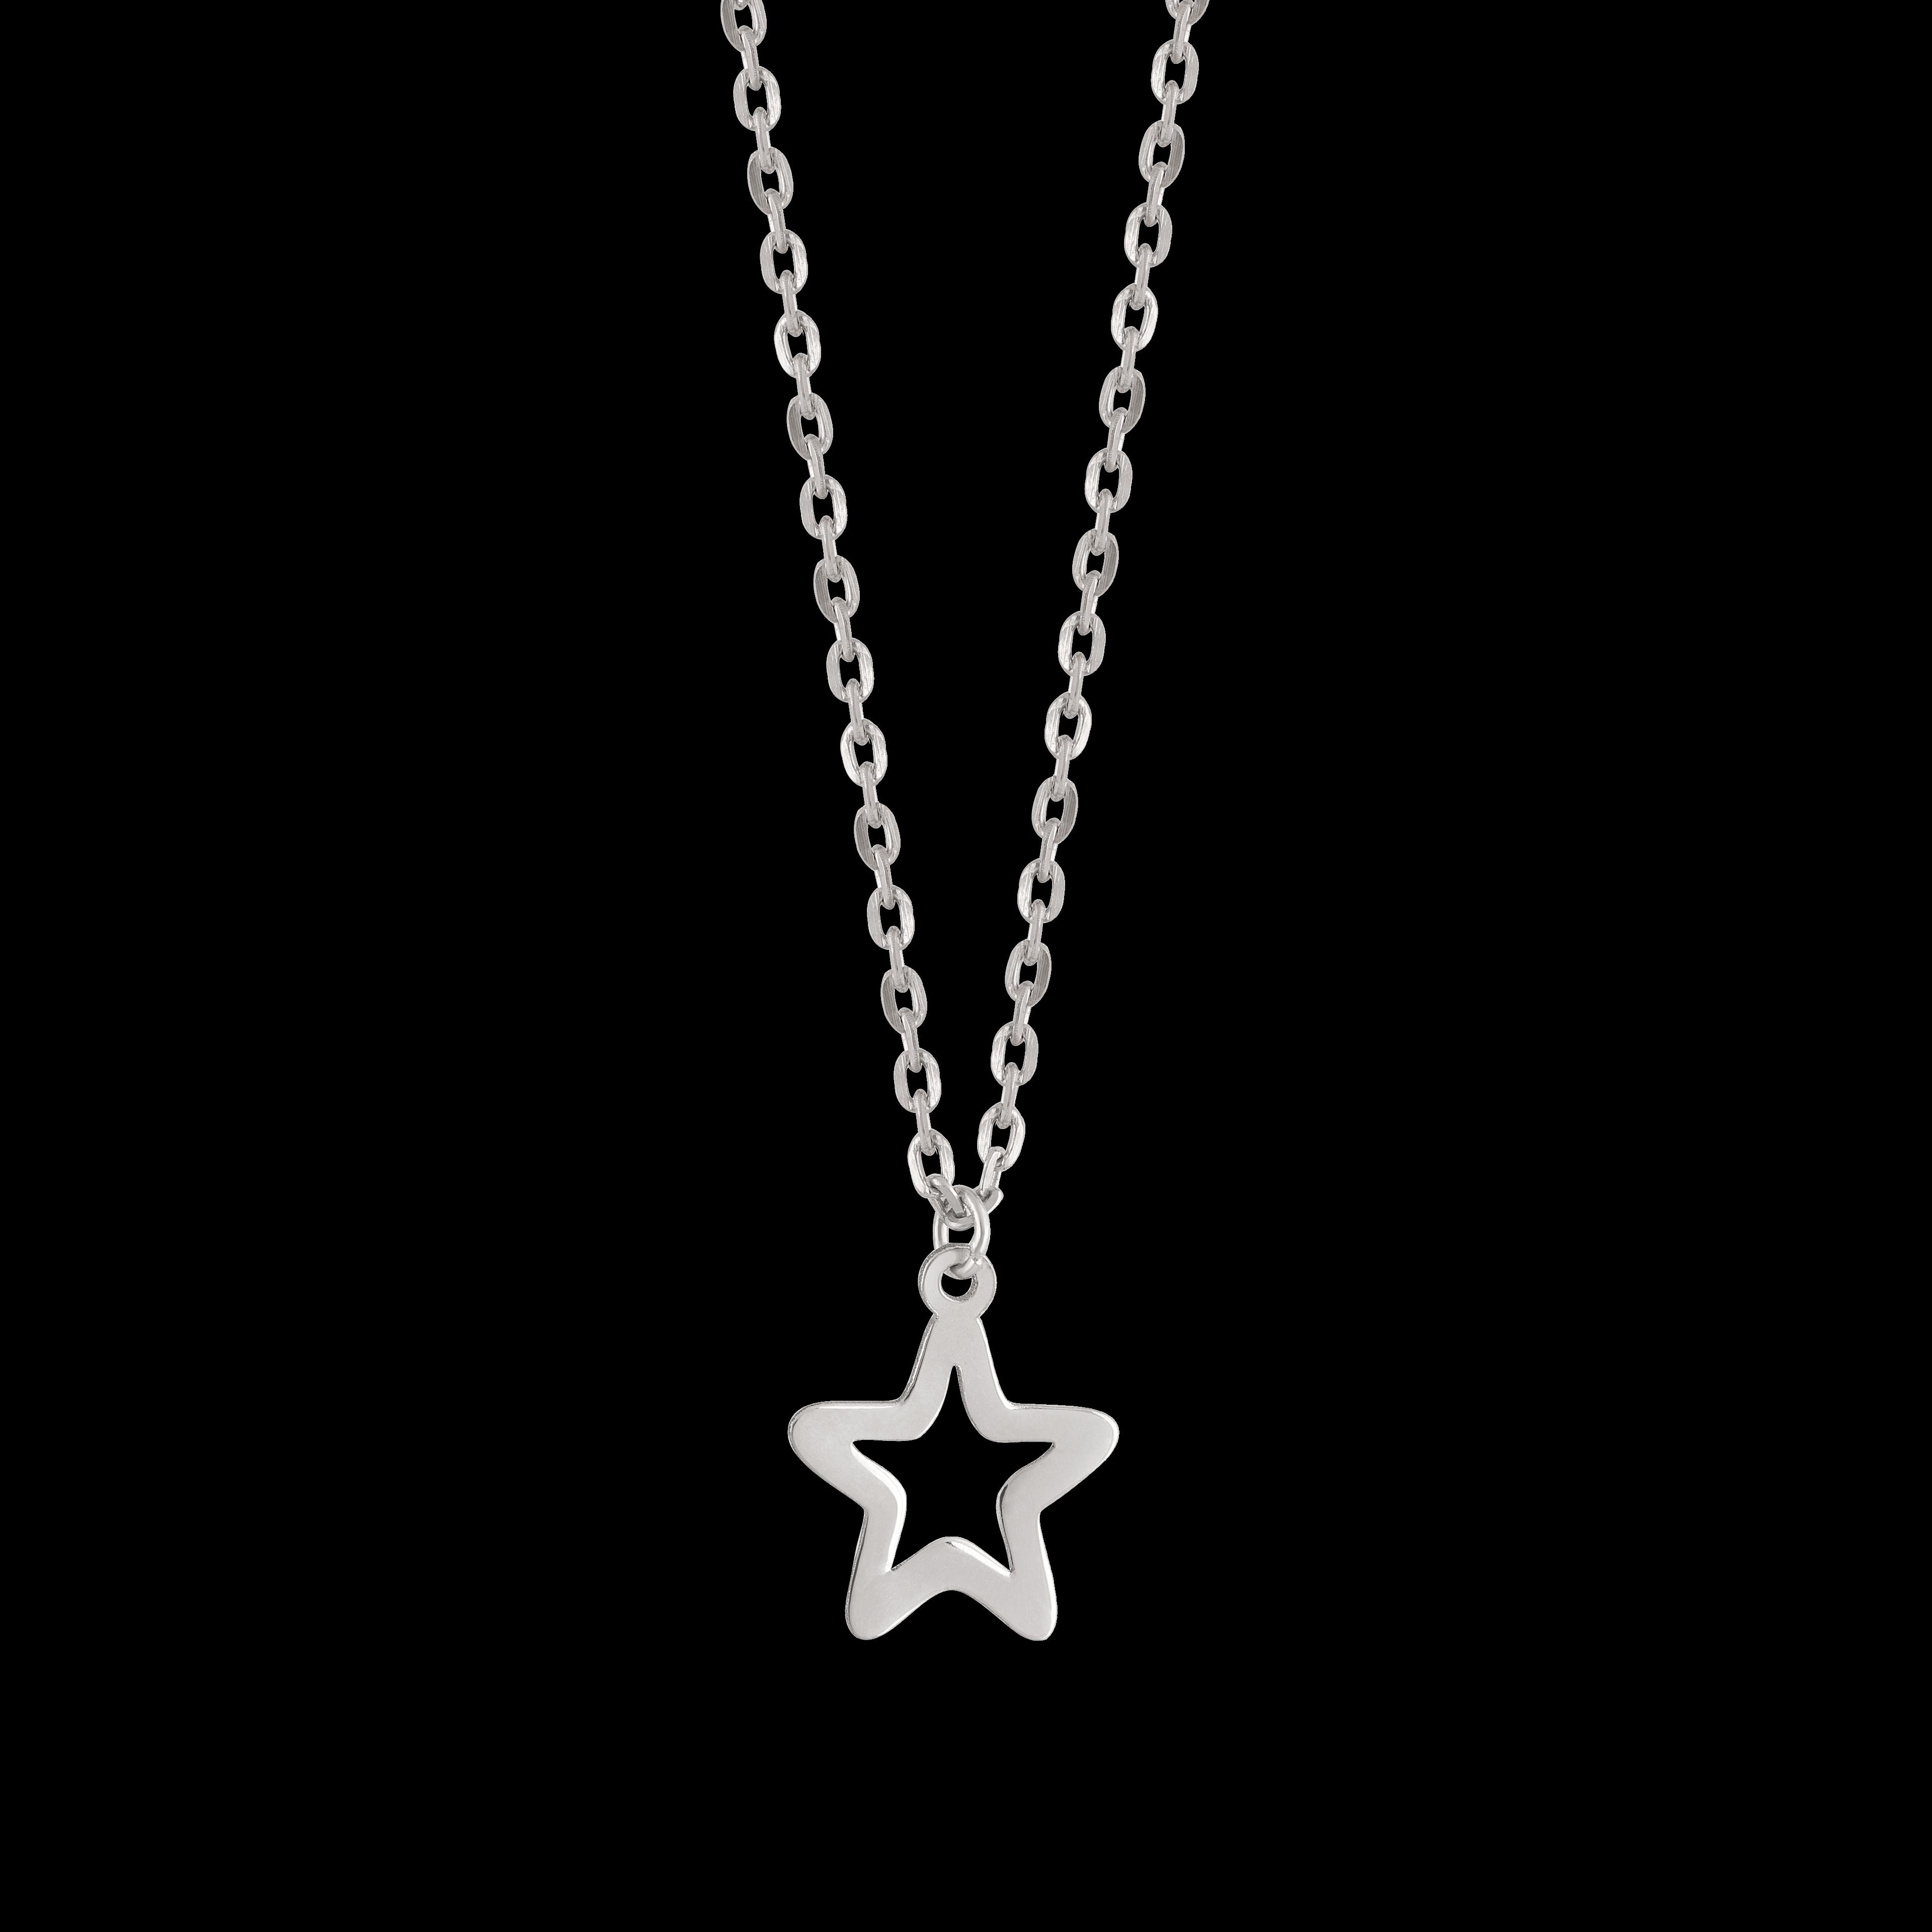 آویز ساعت نقره ستاره توخالی